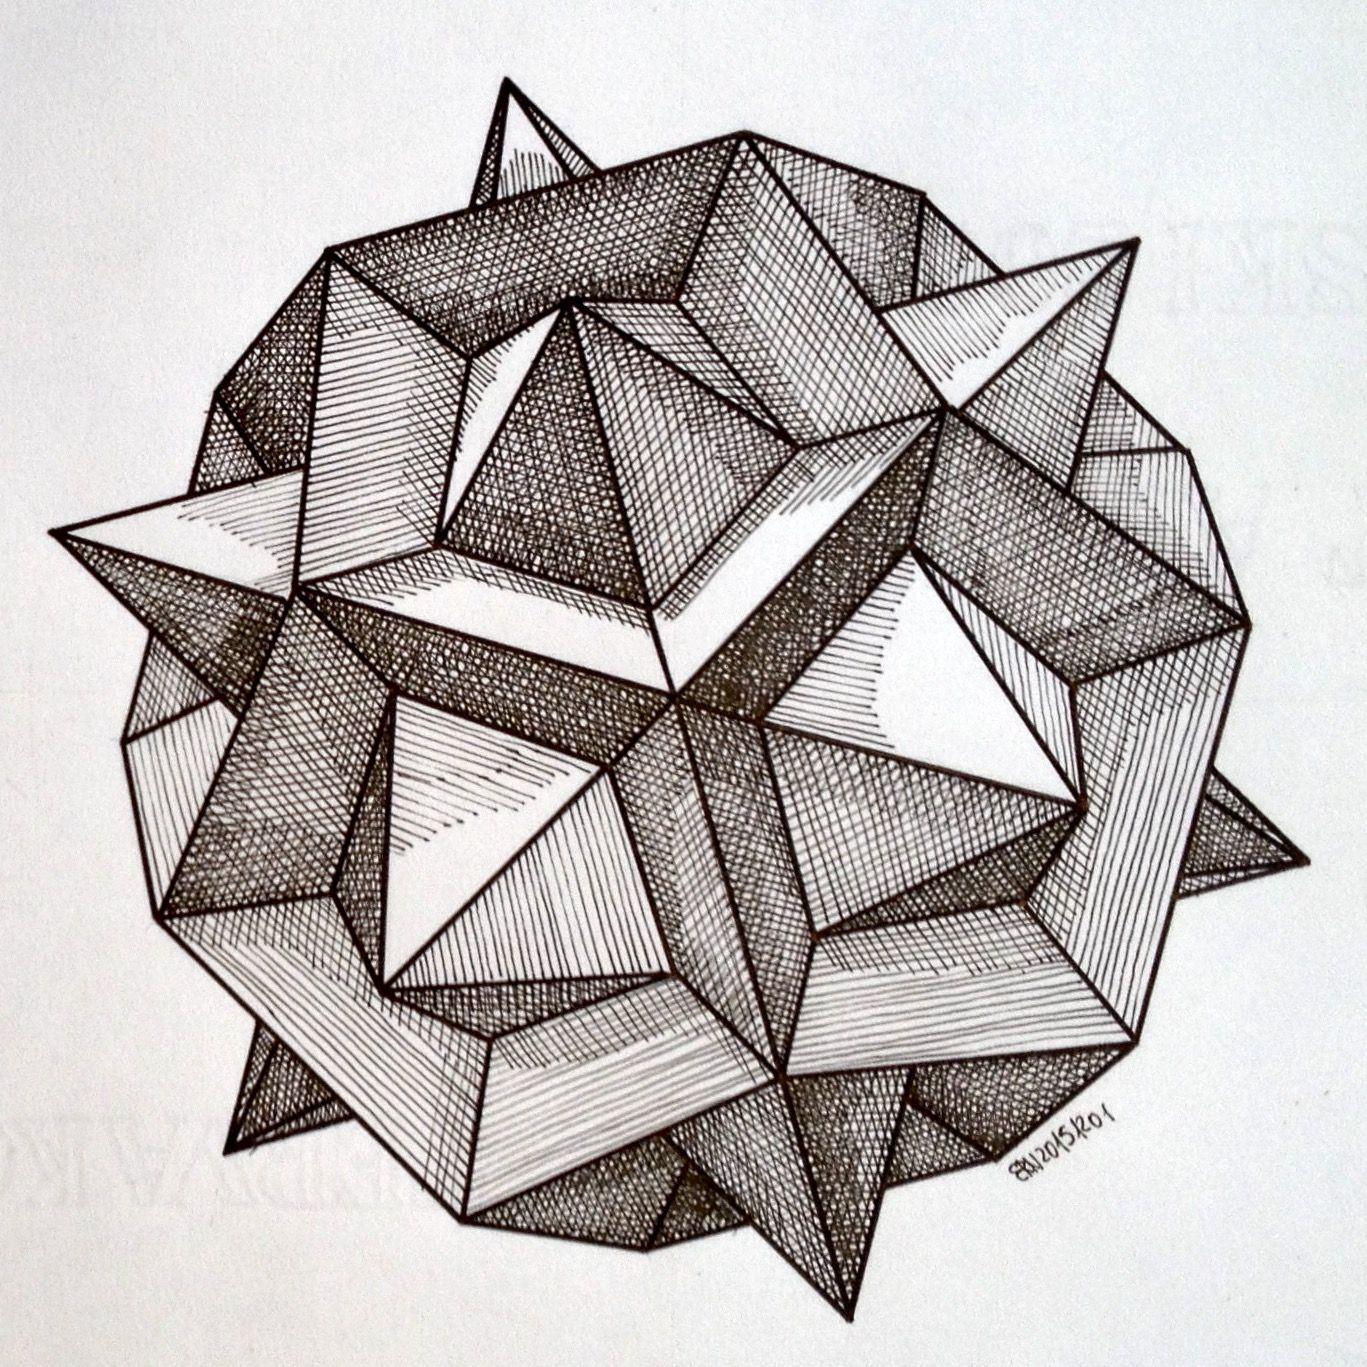 этом отношении странные геометрические фигуры картинки девяностых, когда